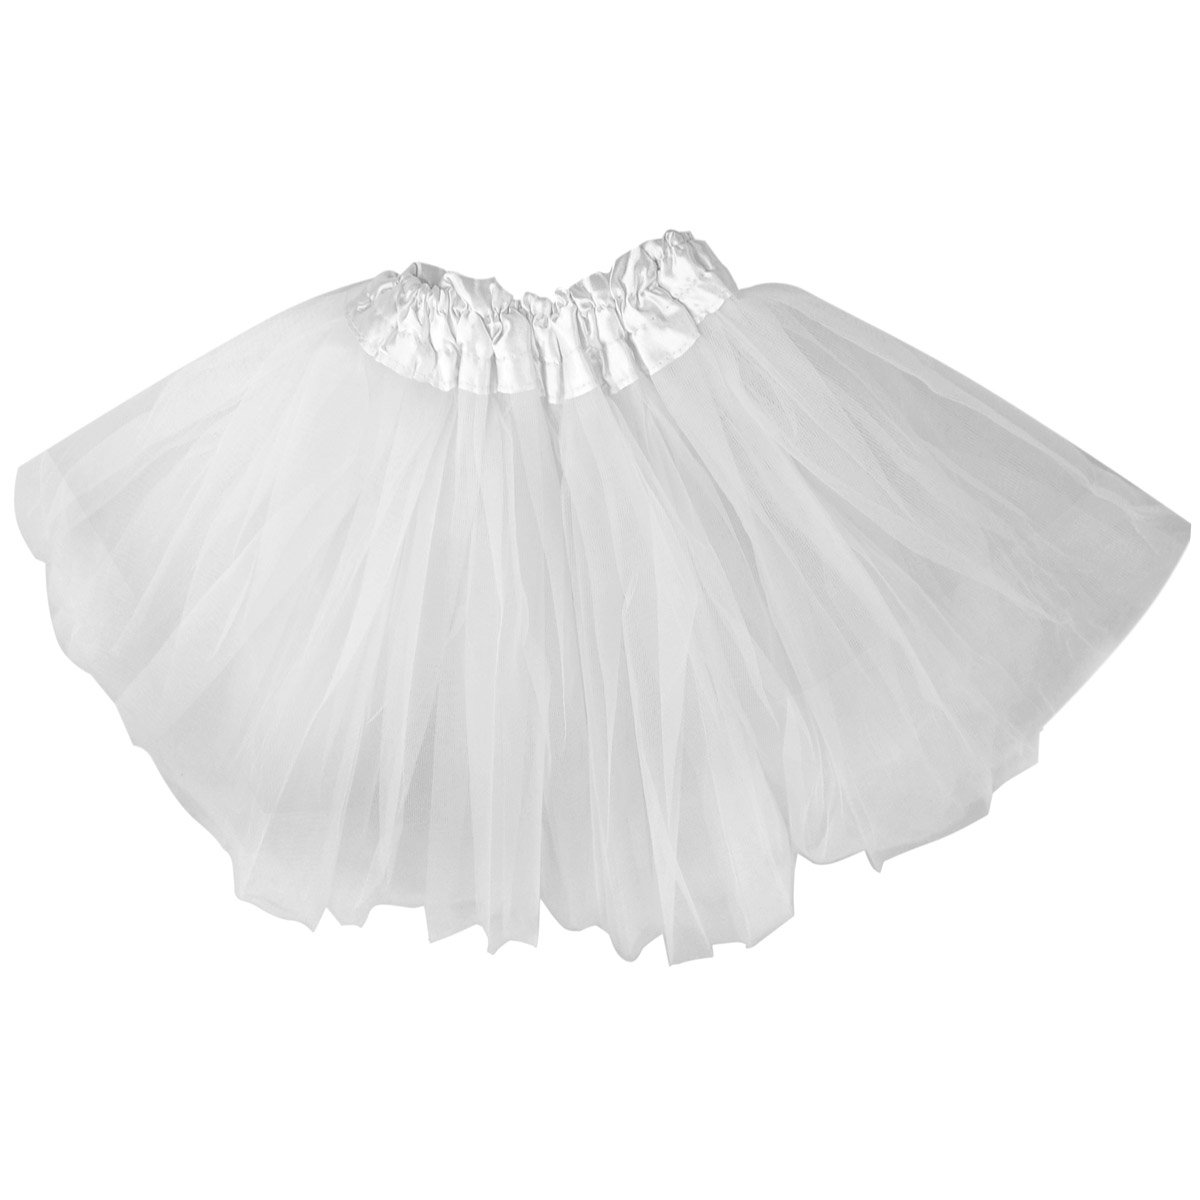 Chinkyboo Fashionable Fancy Dress Kids Girls Tutu Skirt Dancewear Princess Chiffon White Amazoncouk Toys Games